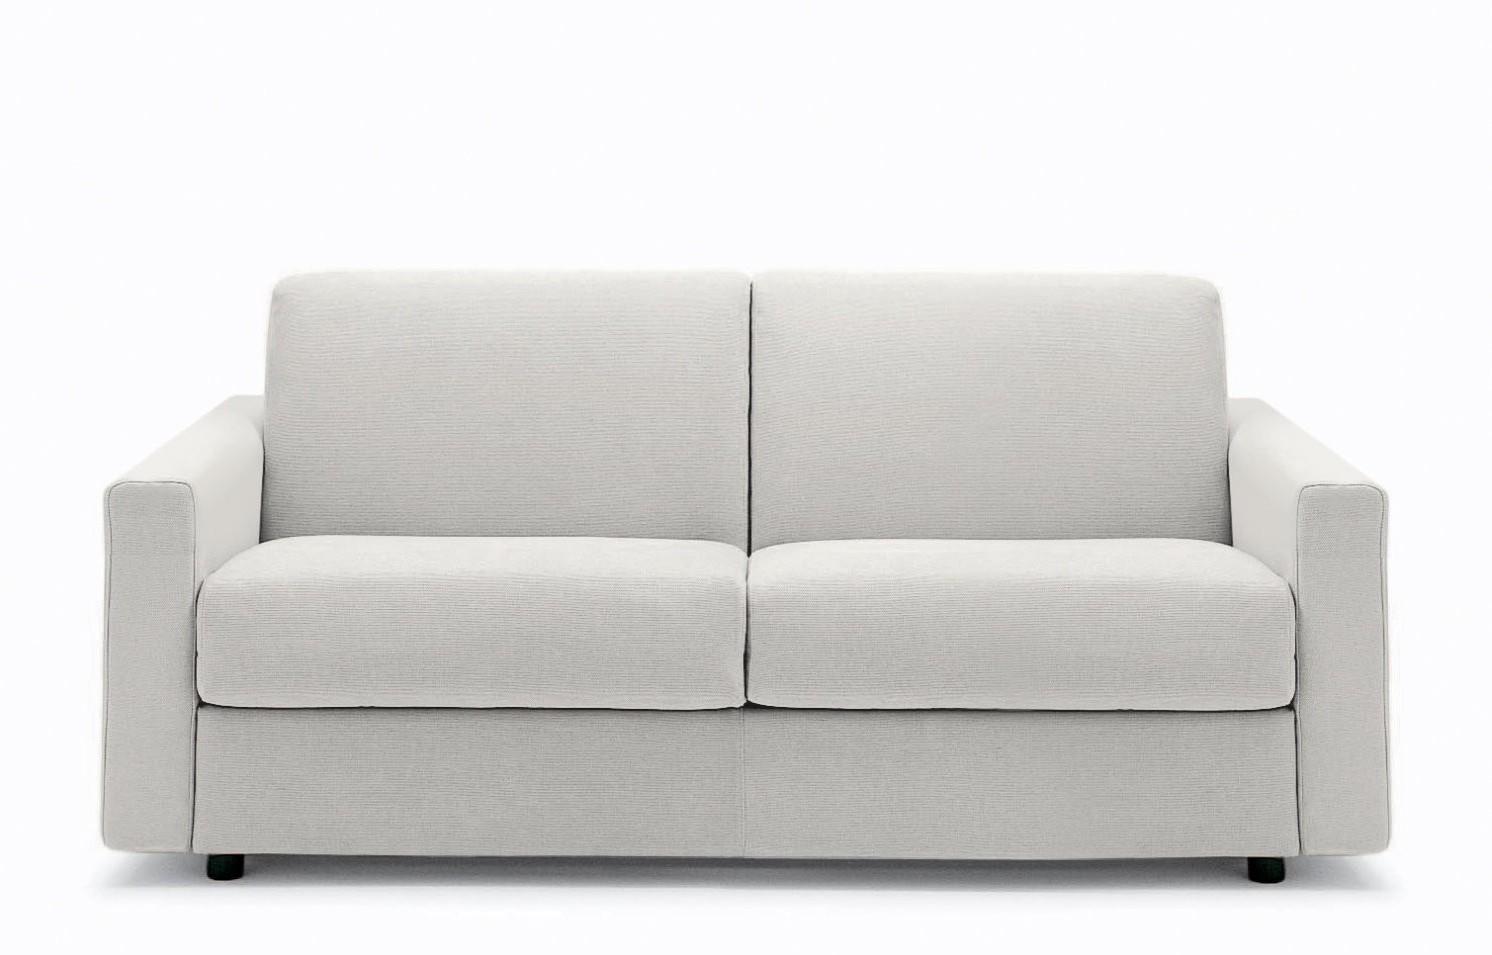 Divano letto lampo offerta divani a prezzi scontati - Divani e divani prezzi divani letto ...